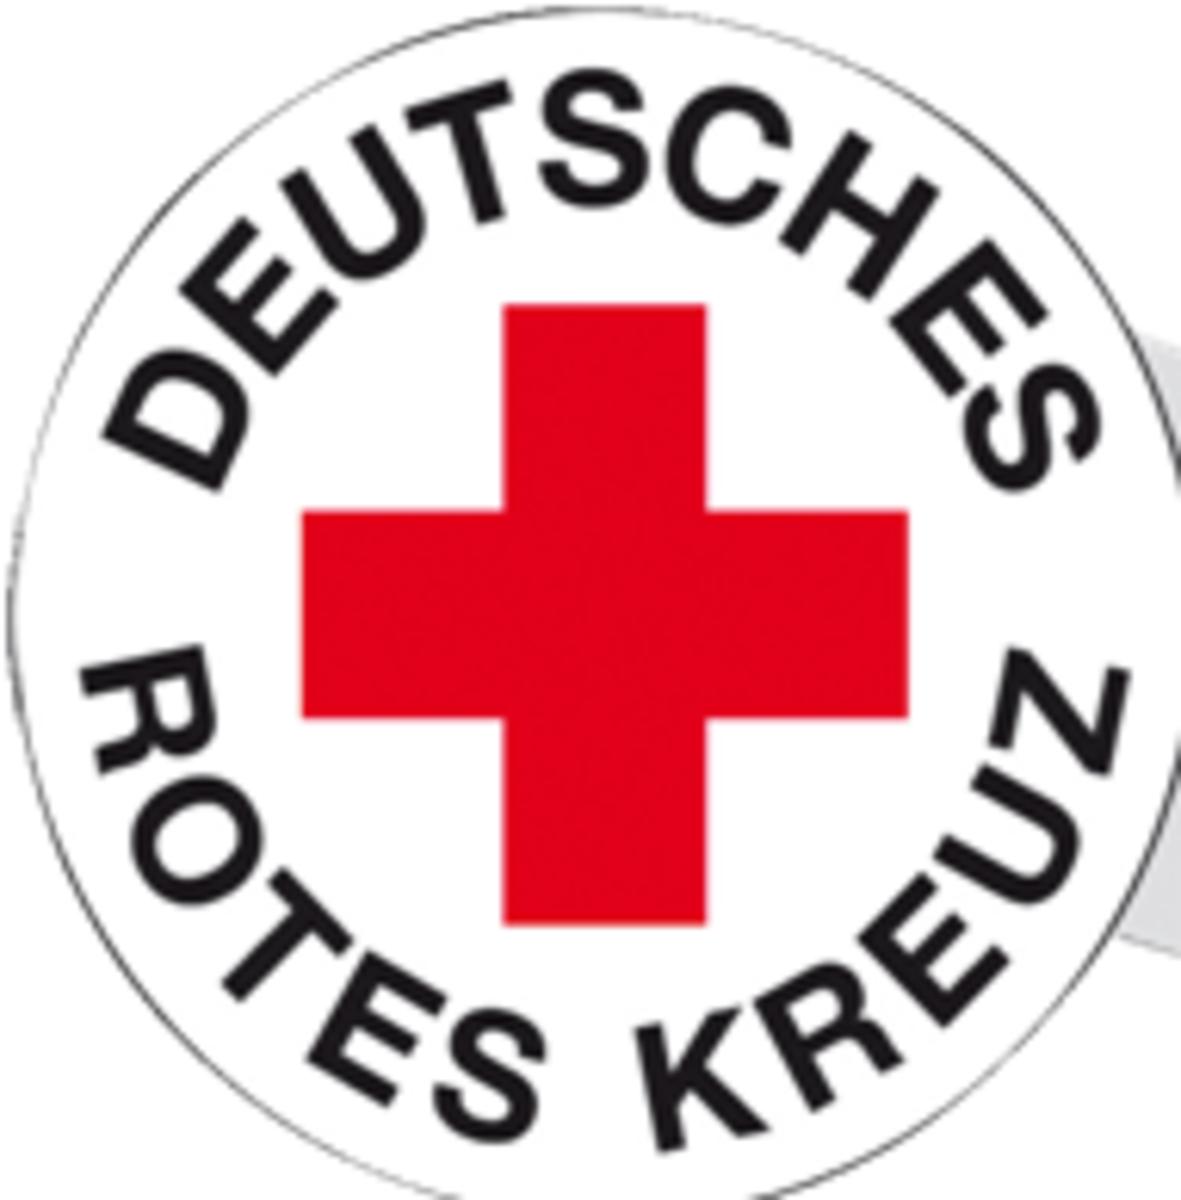 DRK Gladbeck; Einsätze zu Weihnachten - Gladbeck